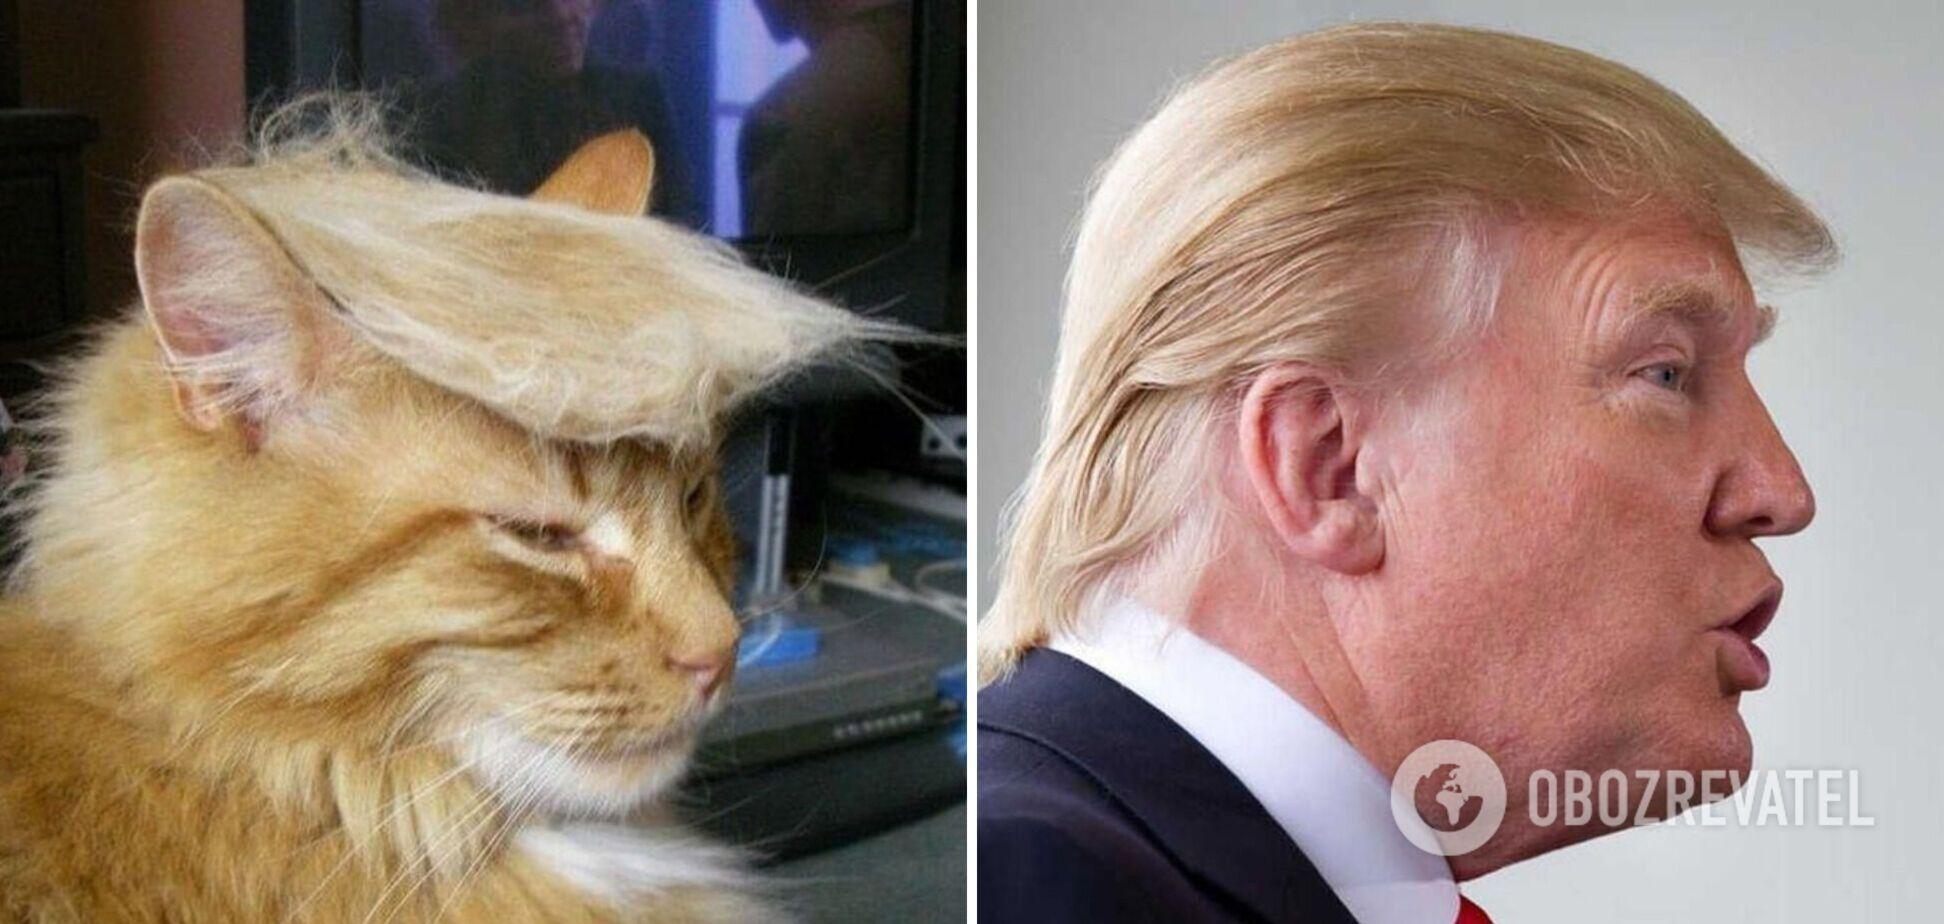 Рыжий котик похож на Дональда Трампа